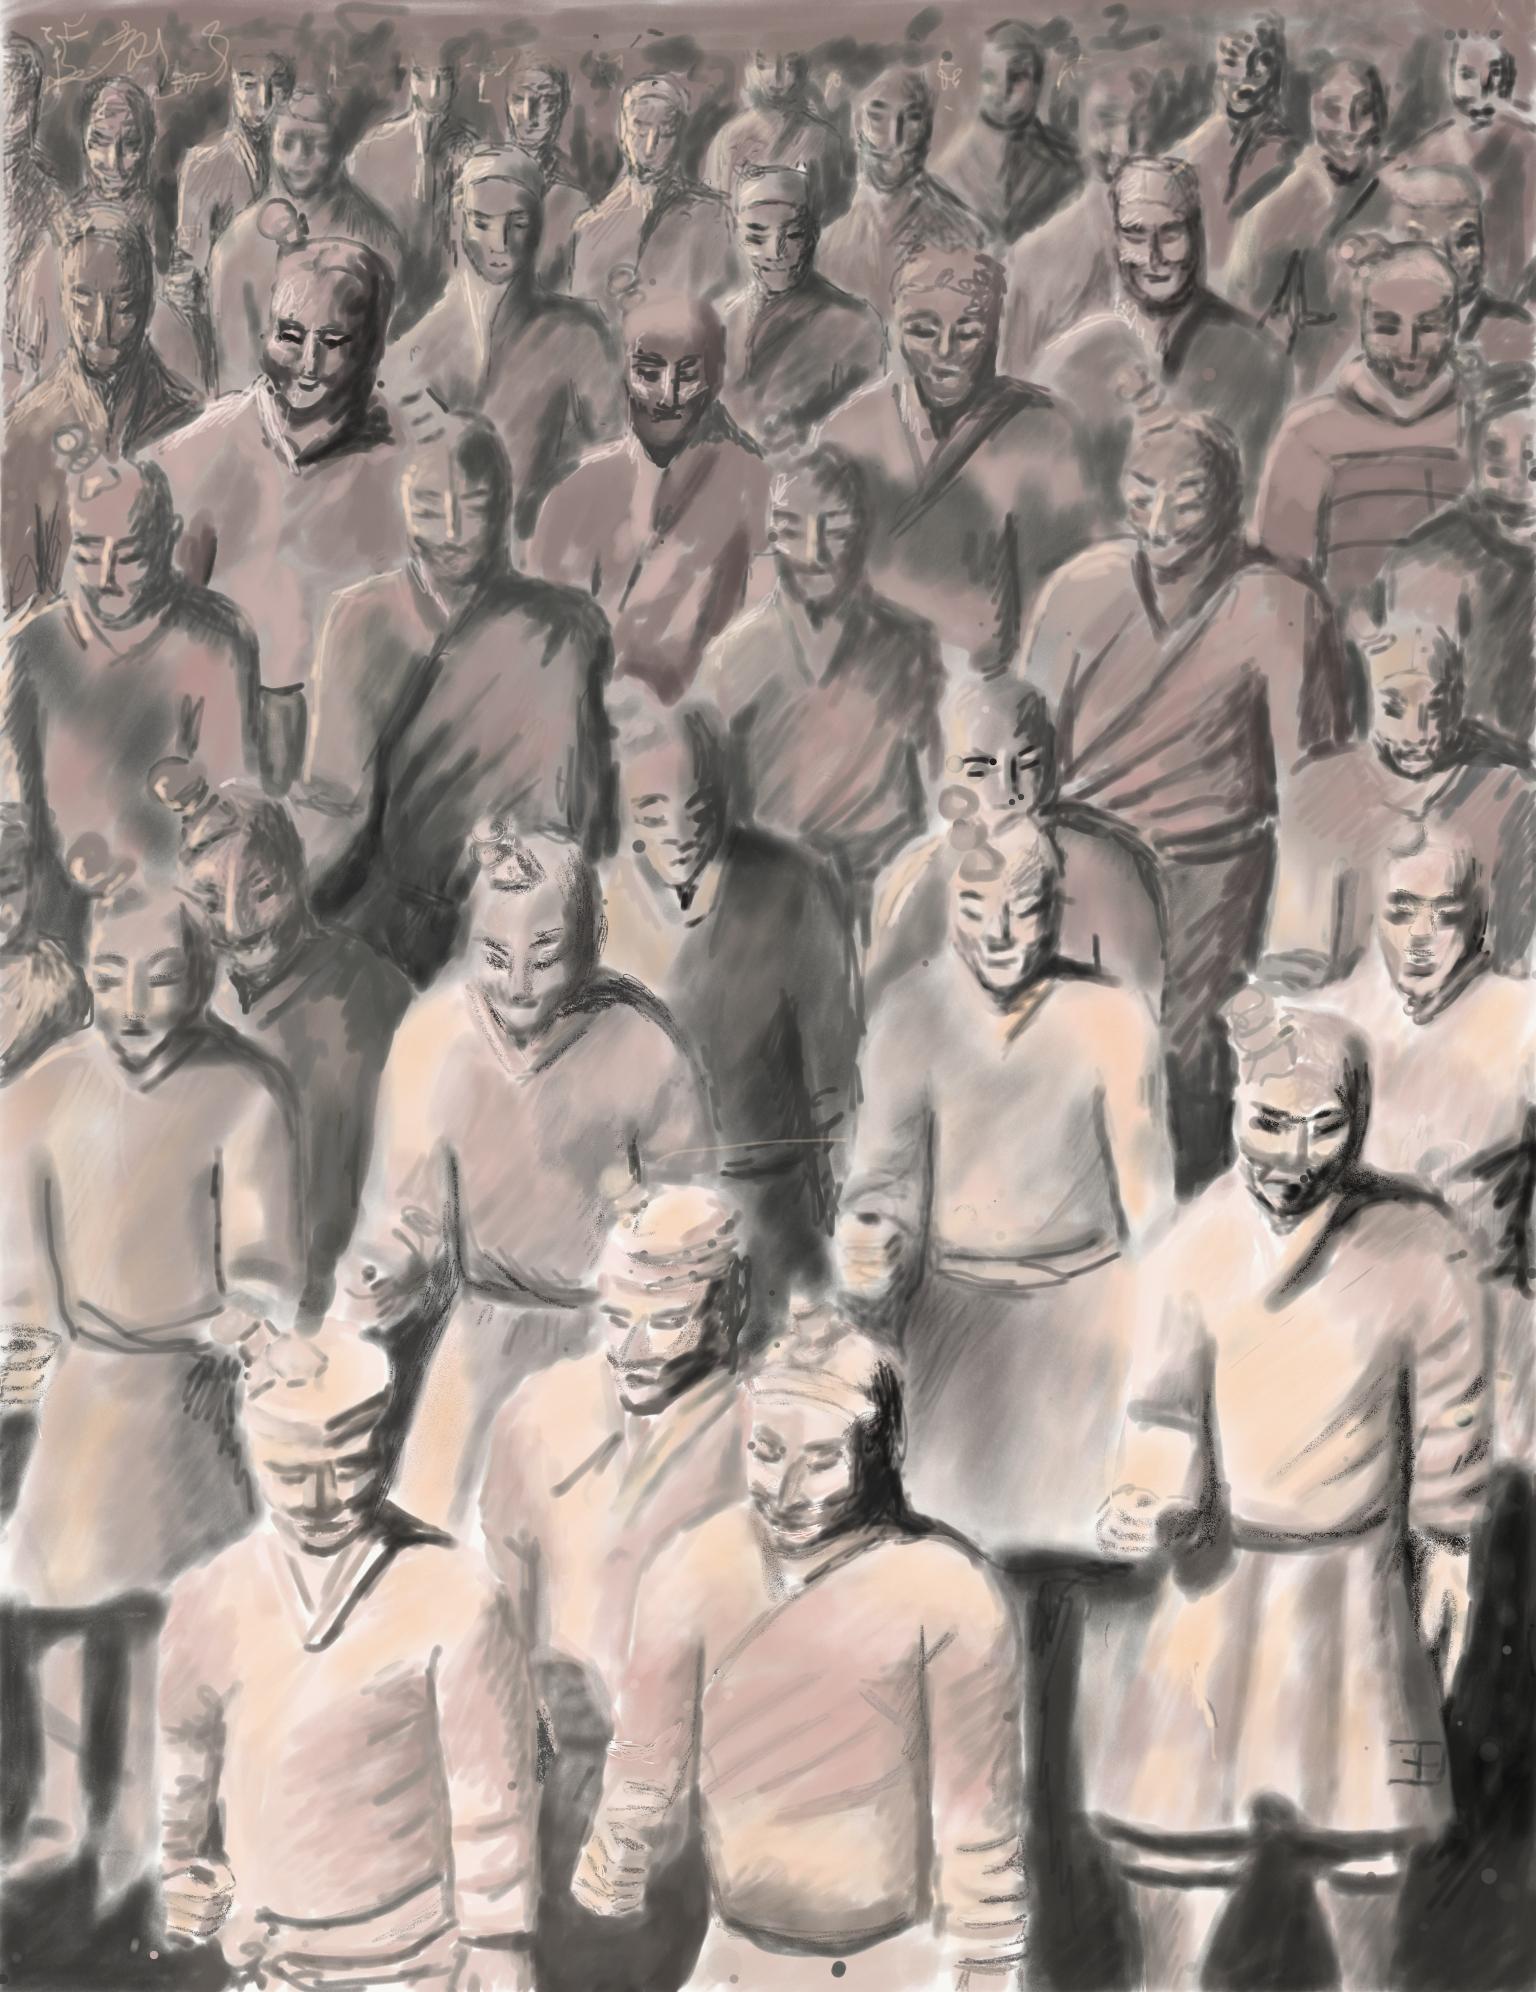 L'Armée-de-Terre-Cuite-de-Xi'an